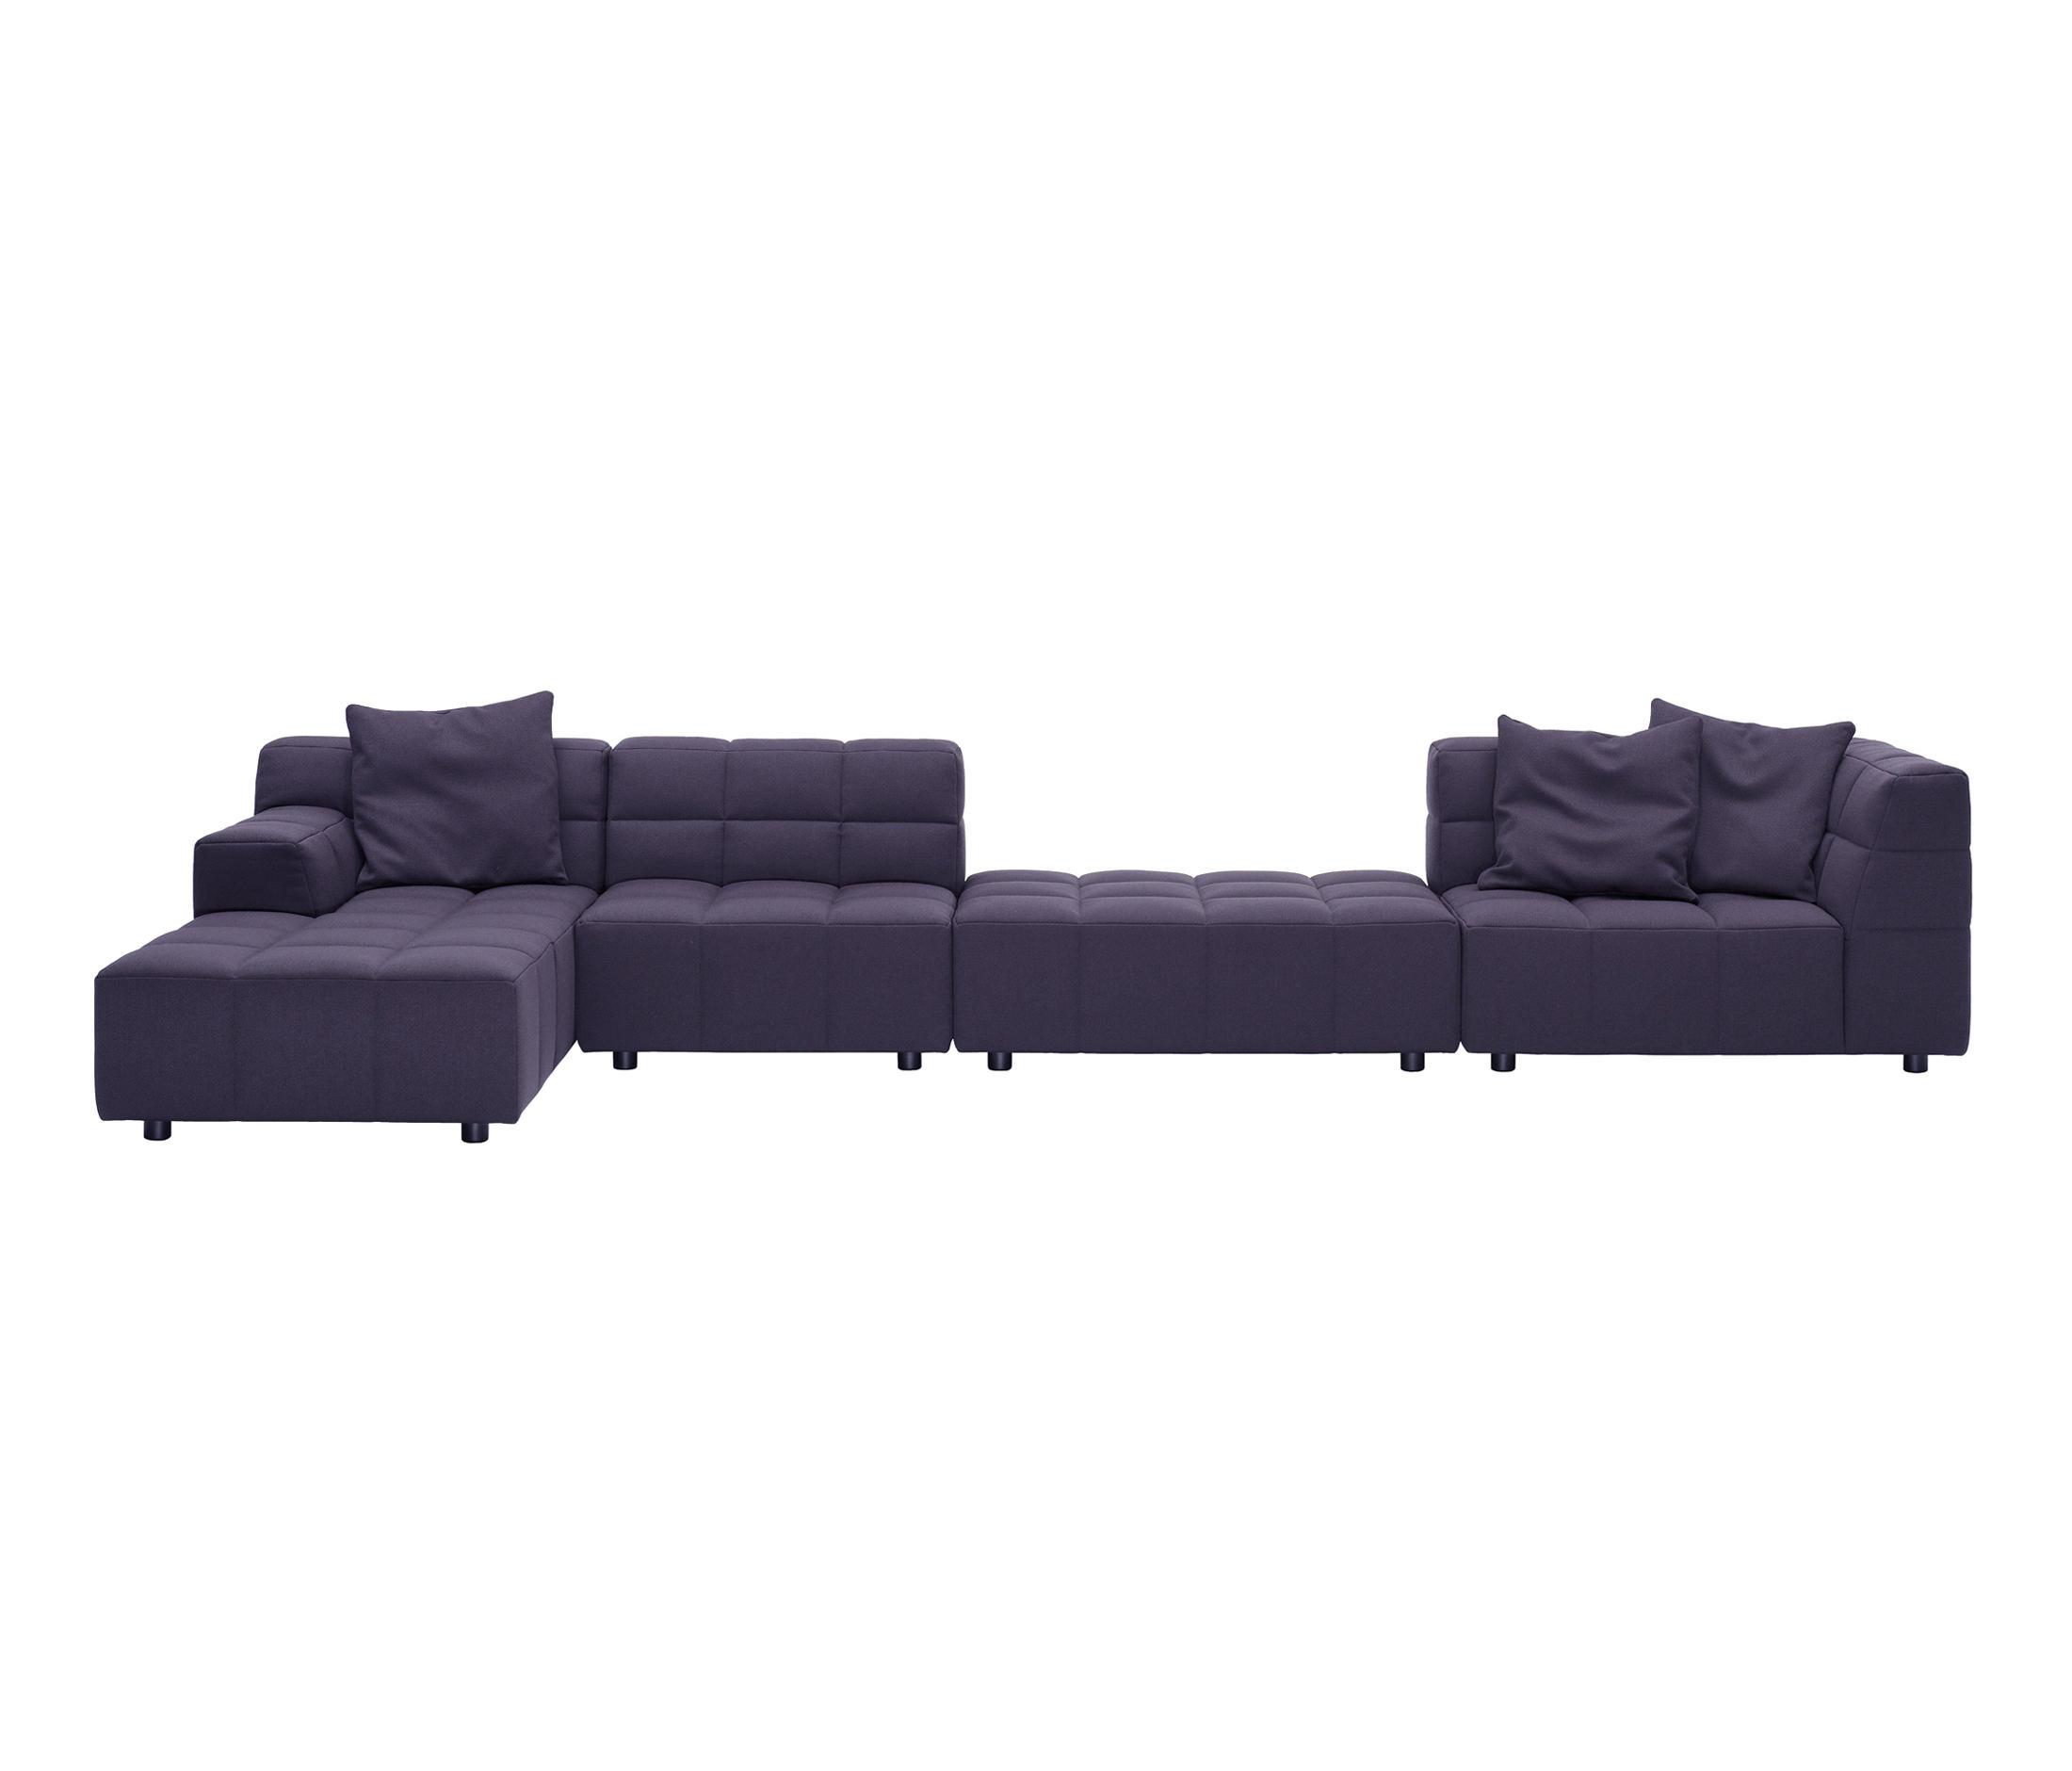 castell sofa - lounge sofas from neue wiener werkstätte | architonic, Hause deko